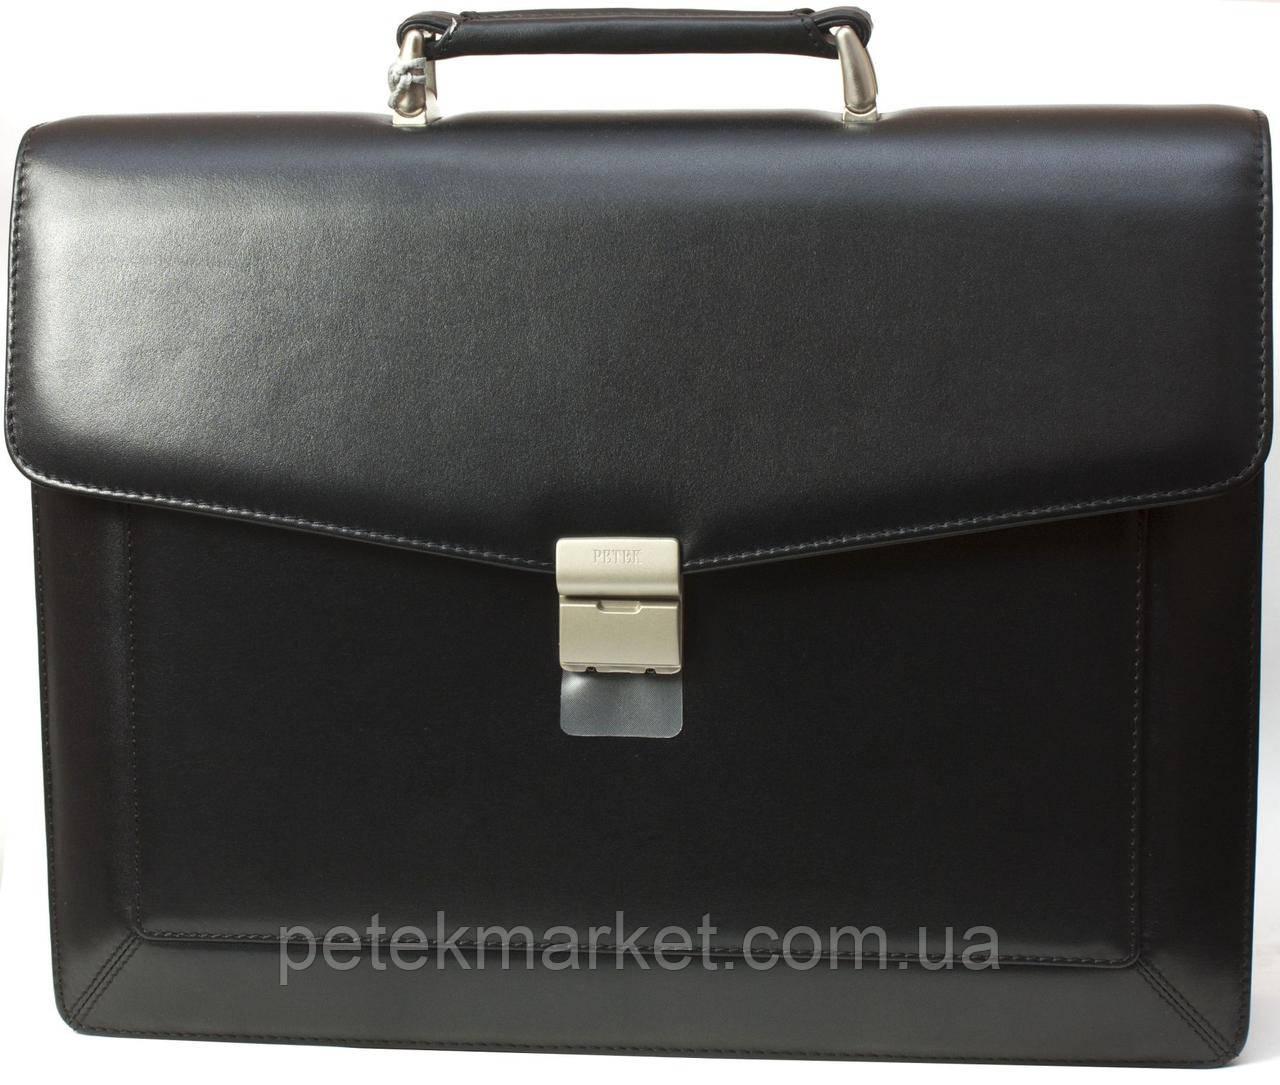 Кожаный портфель Petek 891/2-000-01